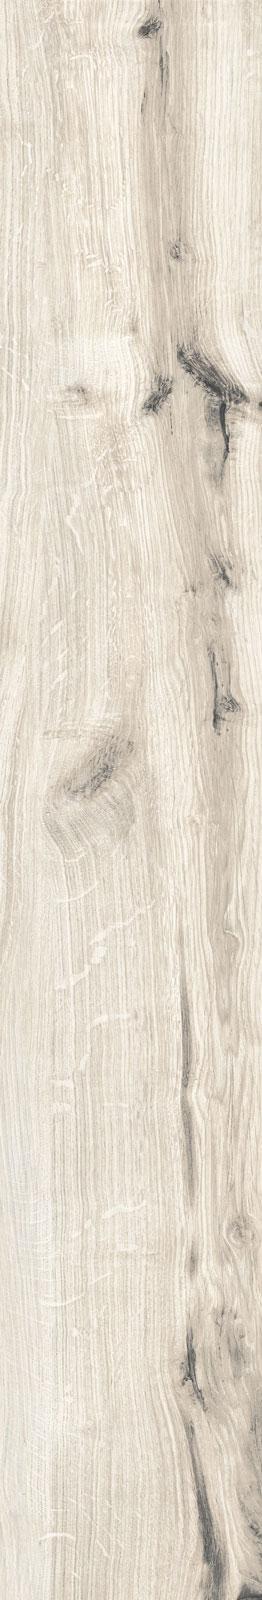 light timber look tiles gold coast